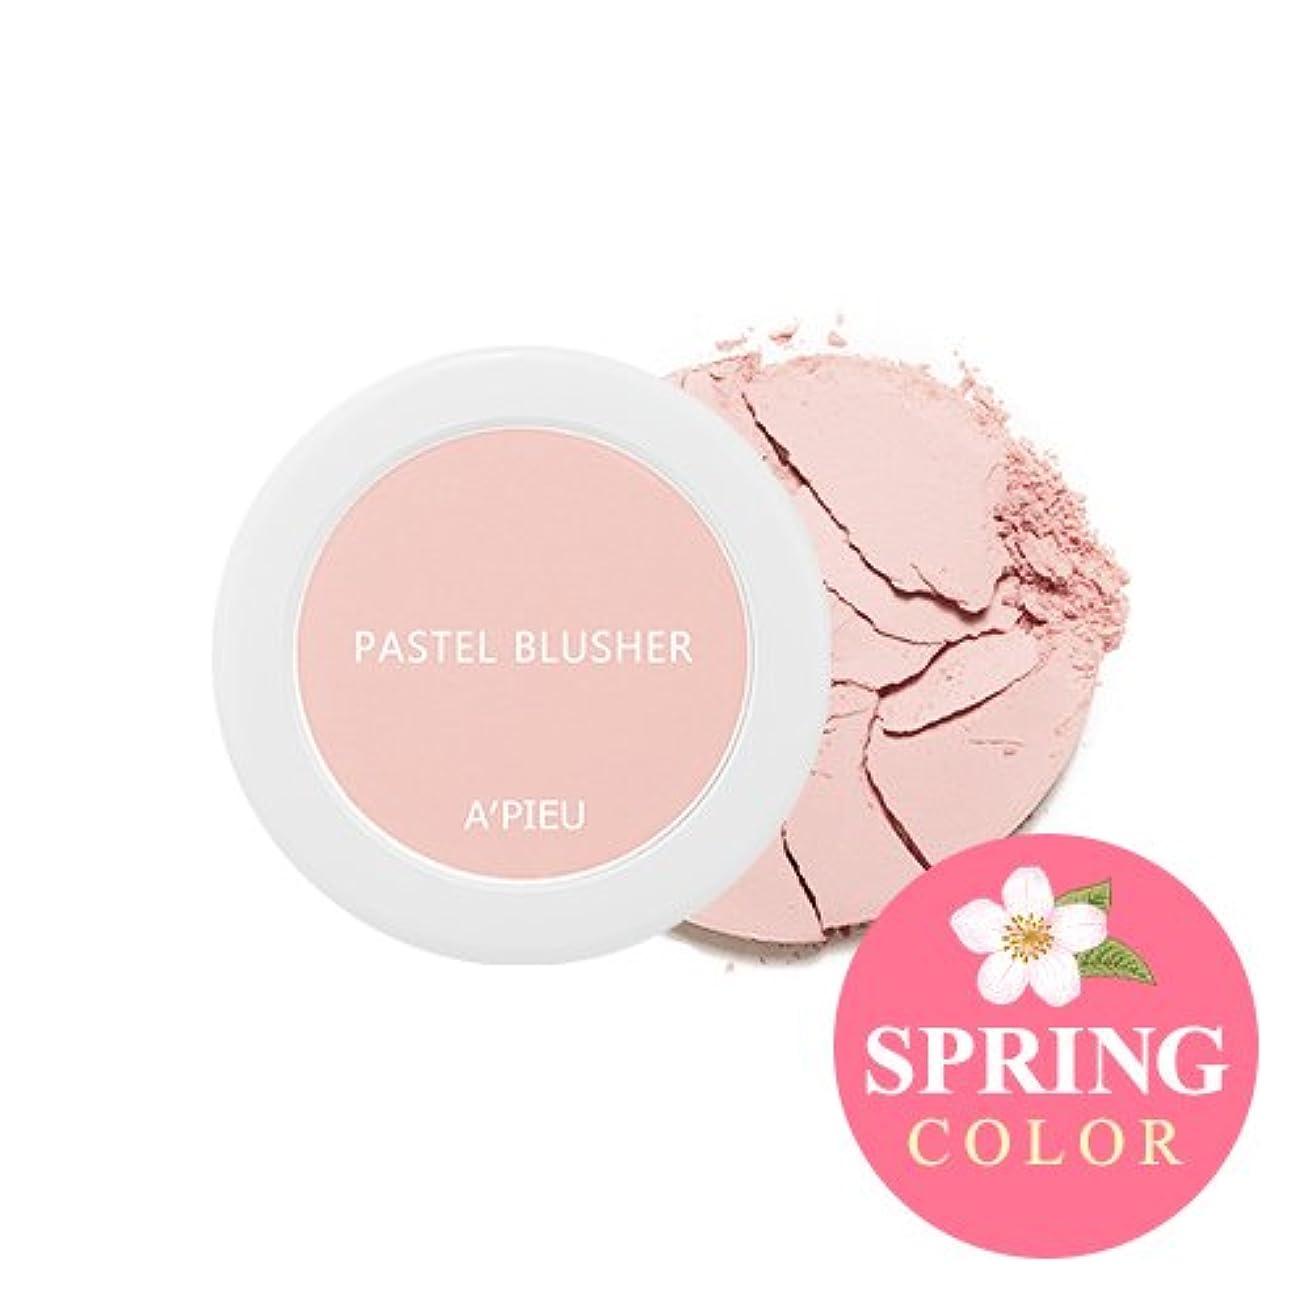 成功するコースパッチA'PIEU Pastel Blusher #PK07 [アピュ/オピュ]パステル ブラッシャー #PK07 [並行輸入品]